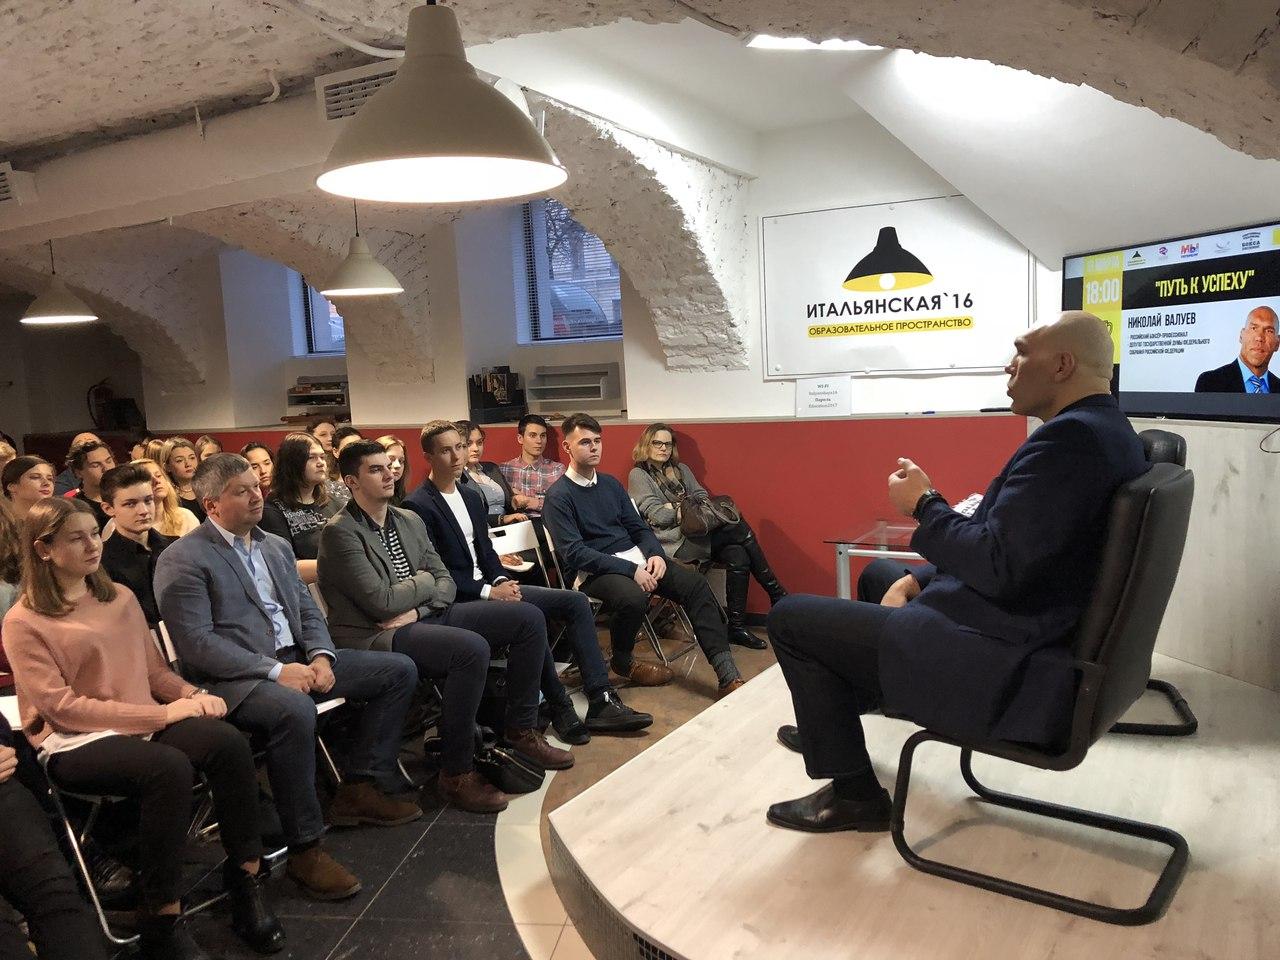 Встреча с Николаем Валуевым. Фото: Анна Ванченко